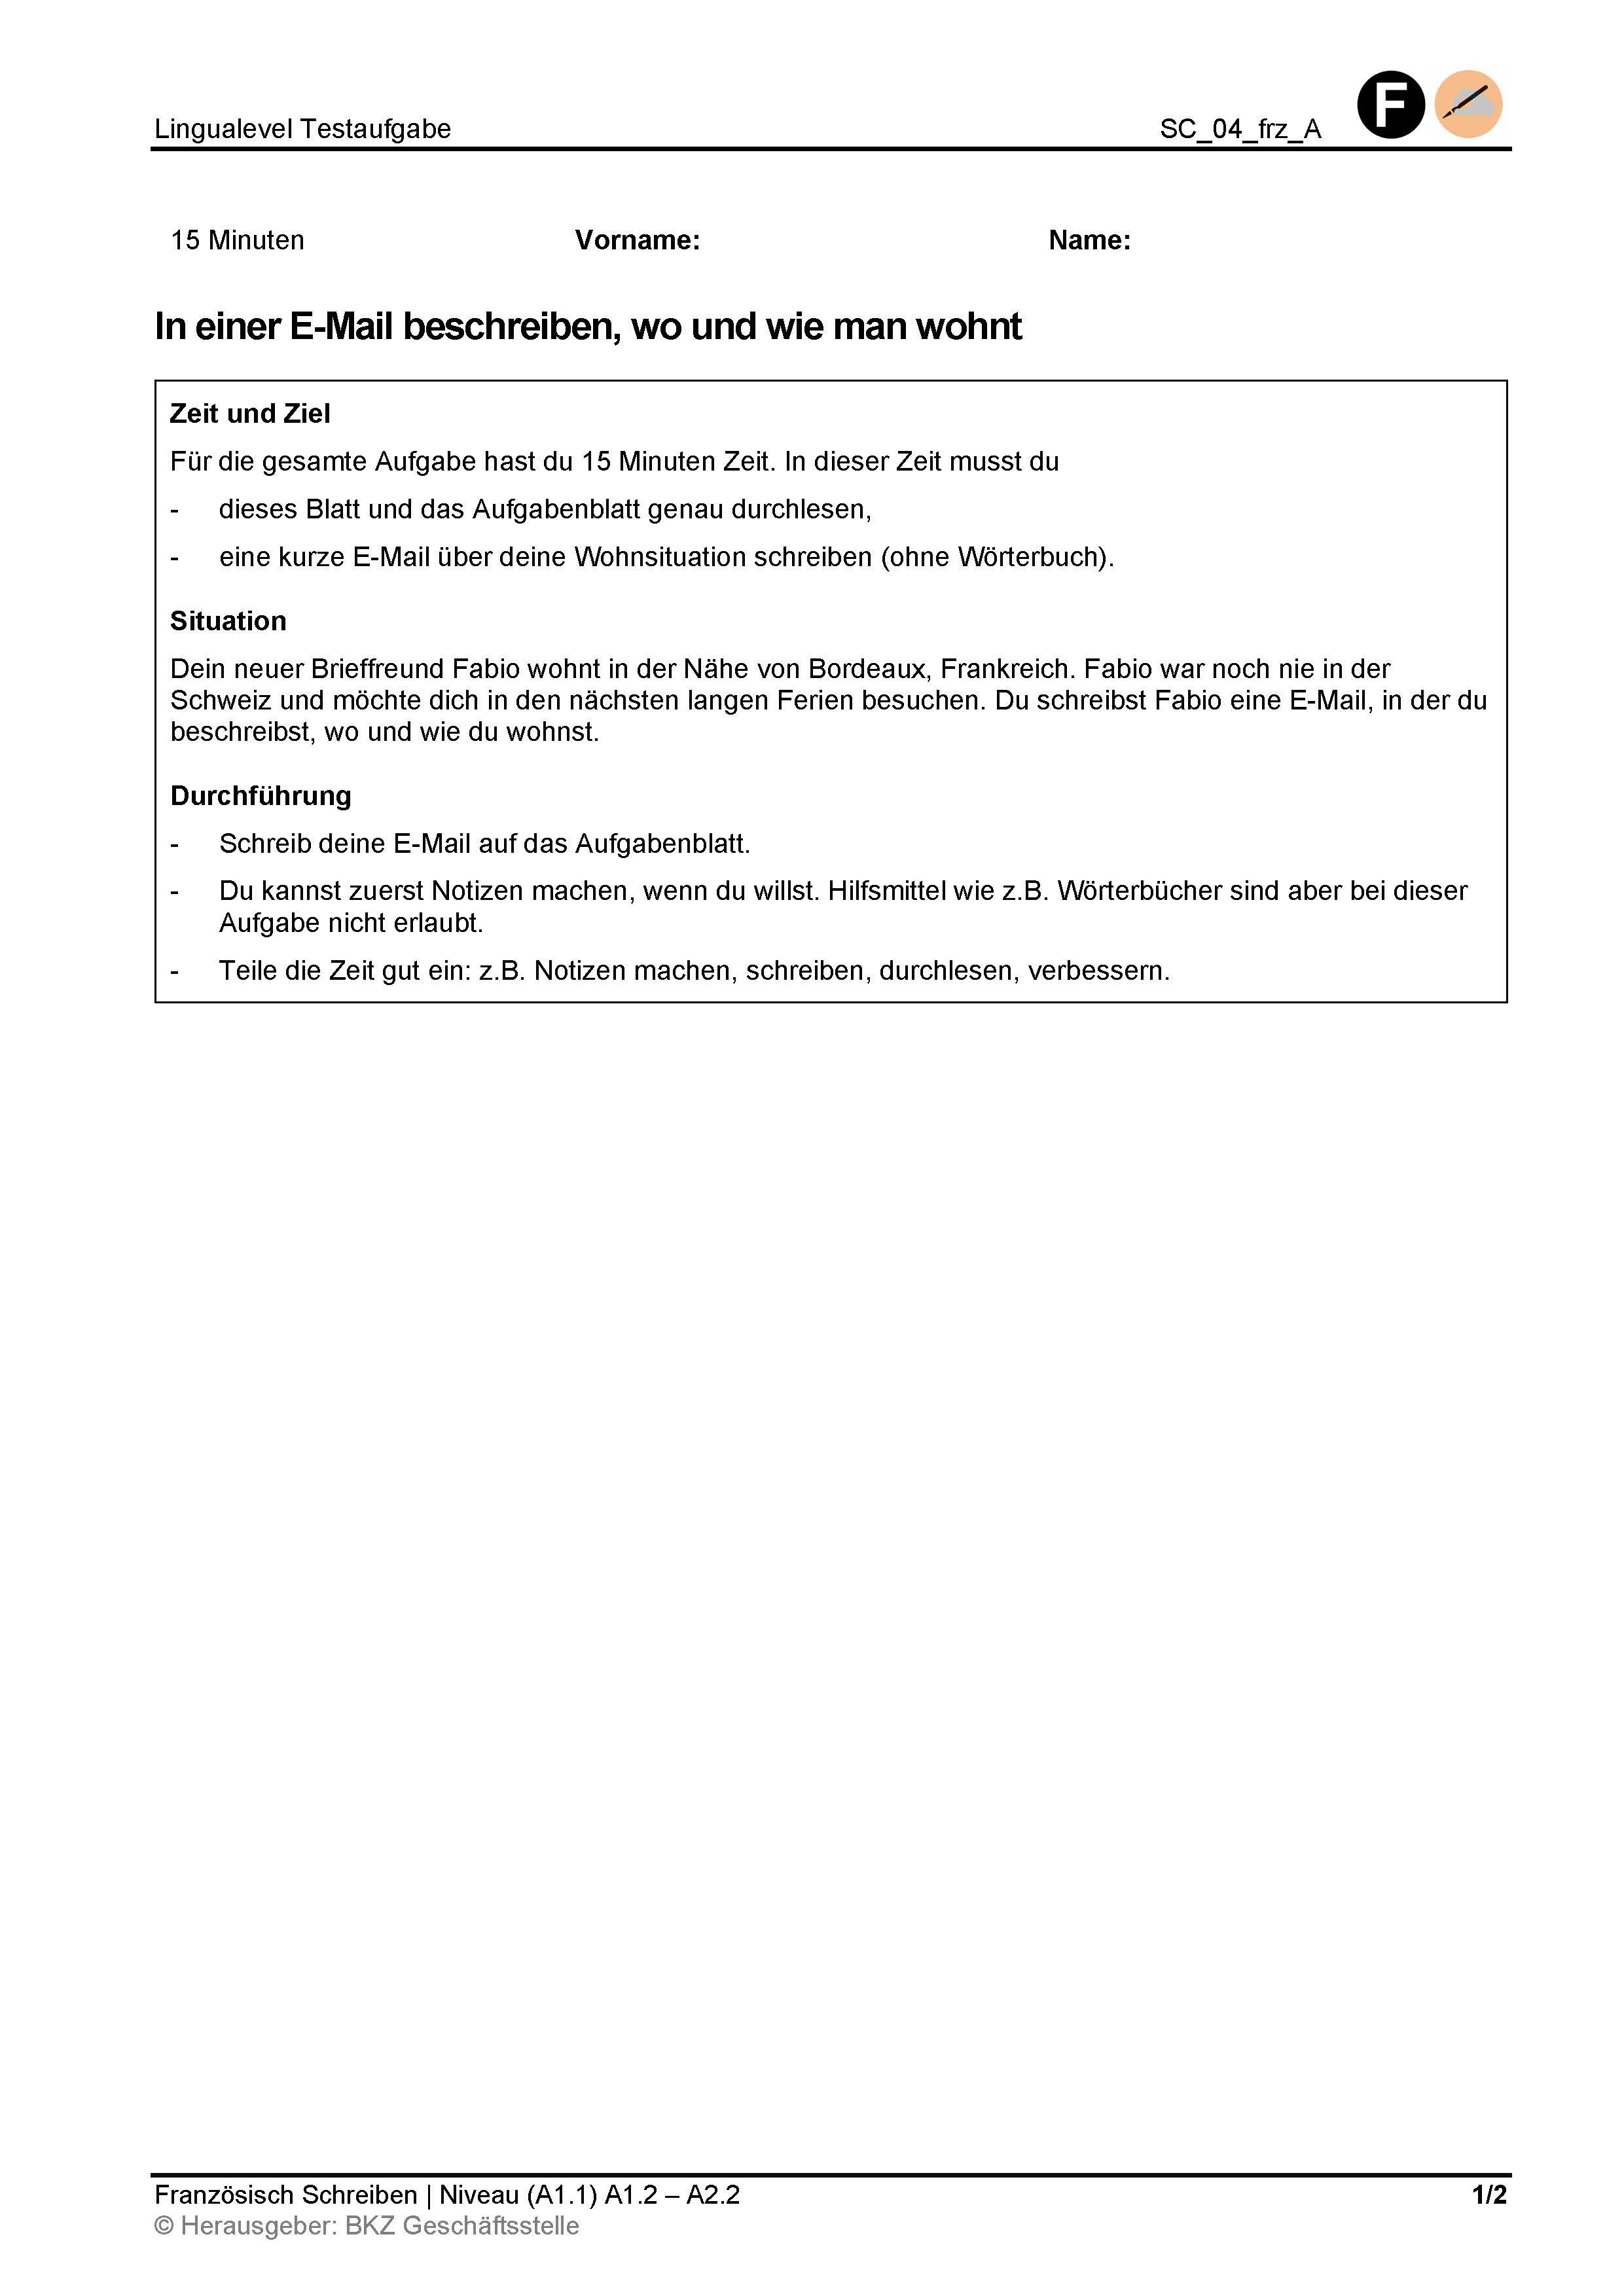 Preview image for LOM object In einer E-Mail beschreiben, wo und wie man wohnt